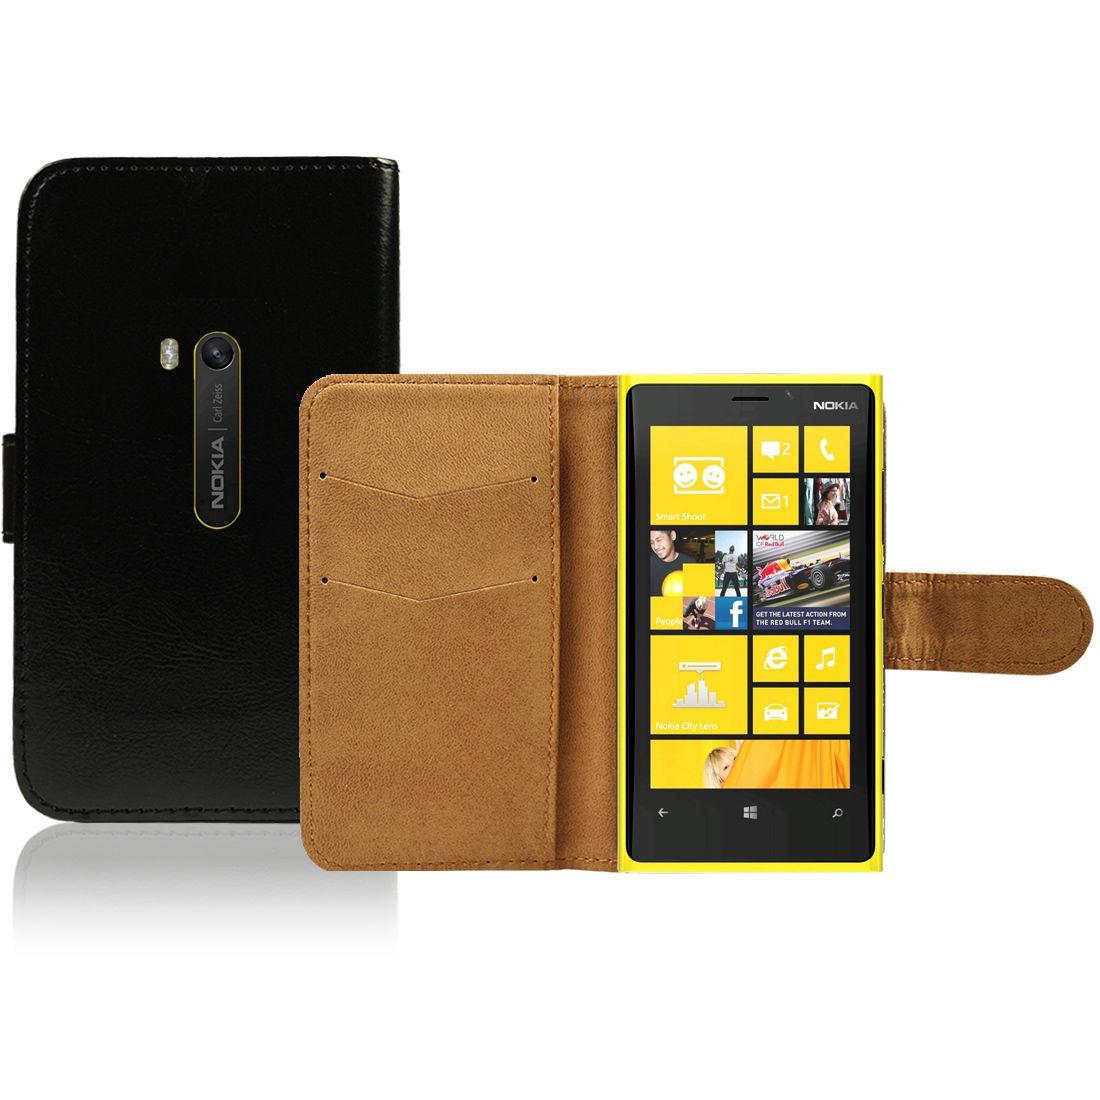 Pouzdro pro Nokia Lumia 925 černé